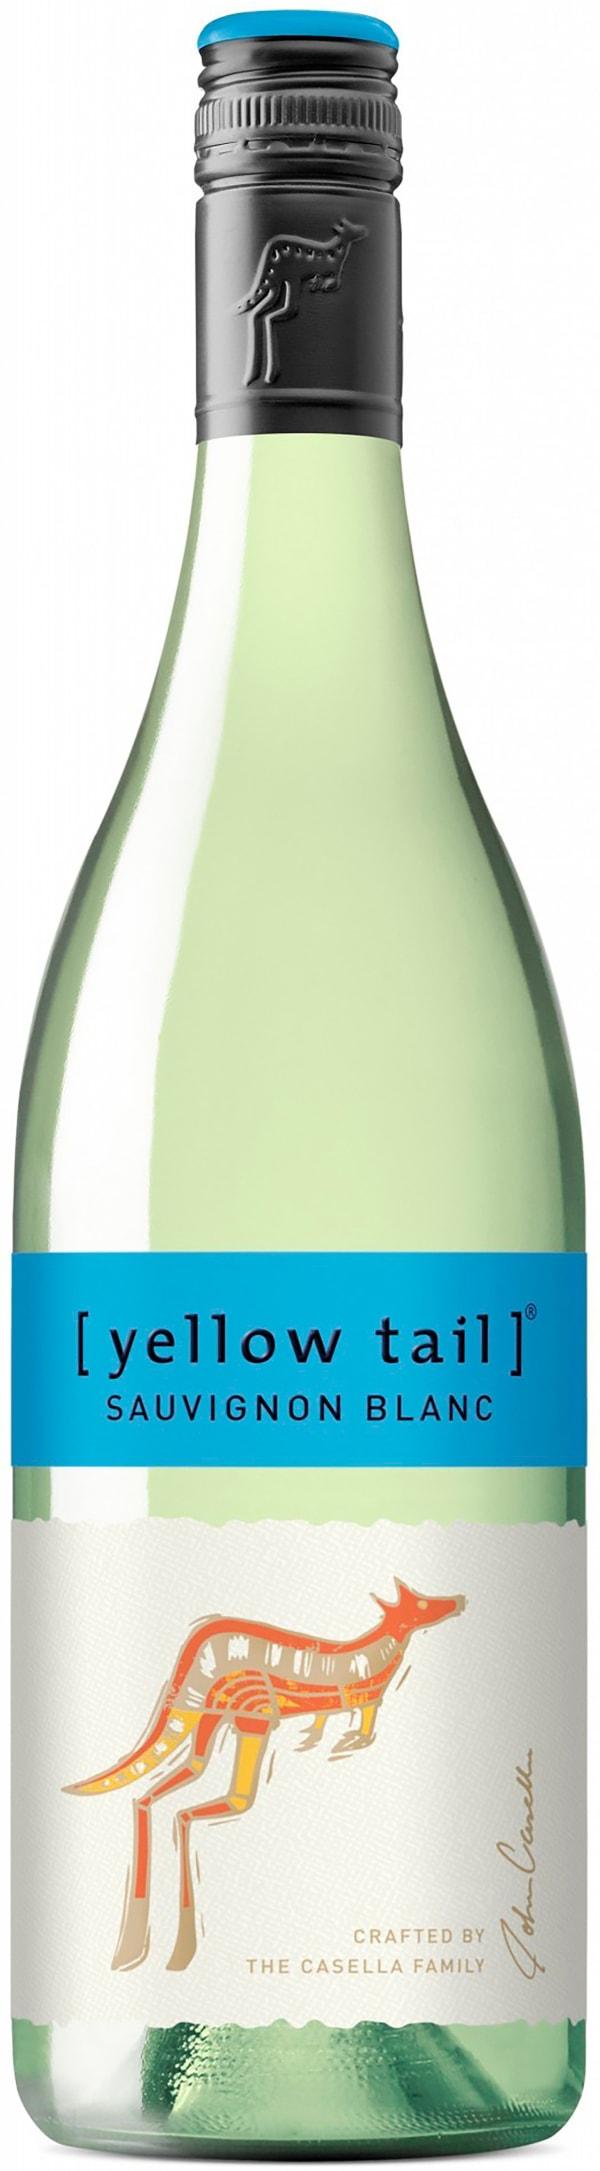 Yellow Tail Sauvignon Blanc 2017